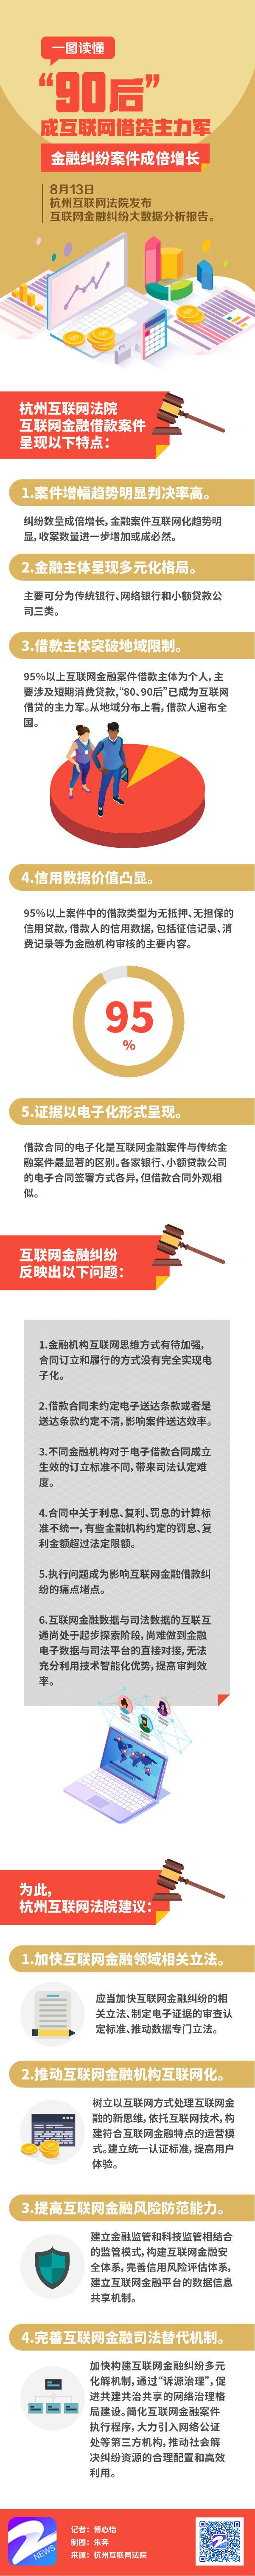 """杭州互联网法院:""""90后""""成互联网借贷主力军 金融纠纷案件成倍增长"""